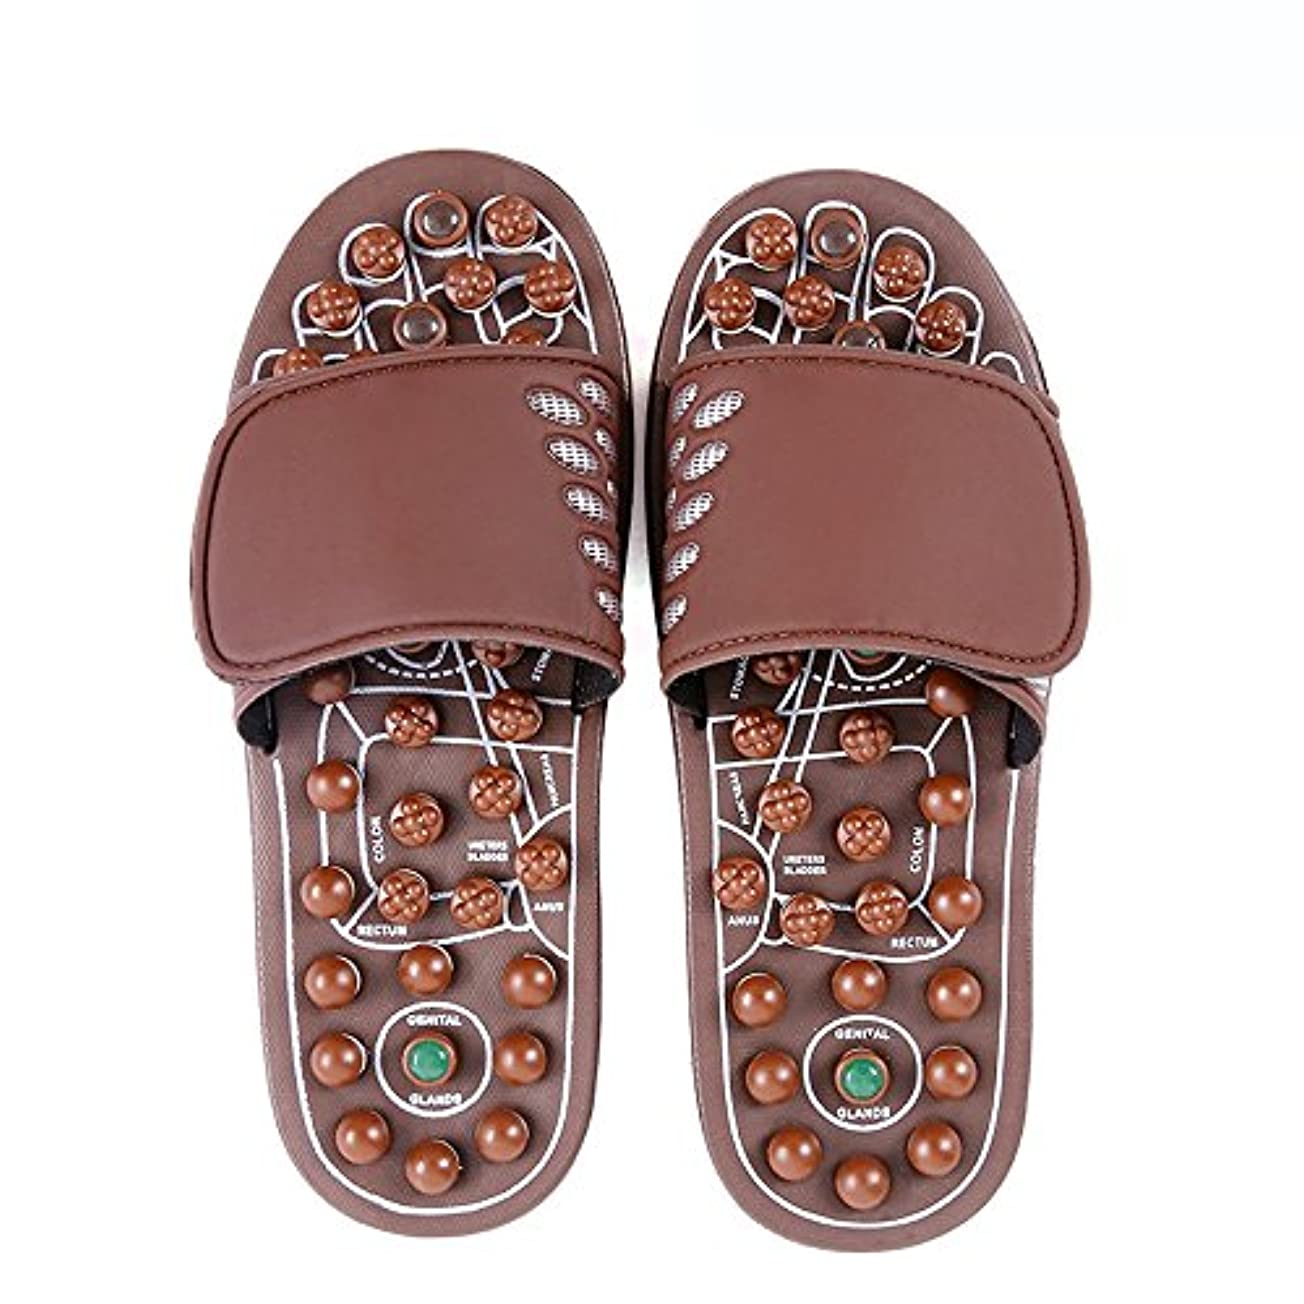 不変セクタ曲げる快適 ジェイドマッサージスリッパ女性の足指圧ホームシューズ滑り止めスリッパ屋内マッサージシューズ(オプションのサイズ) 増加した (サイズ さいず : L(43-46))